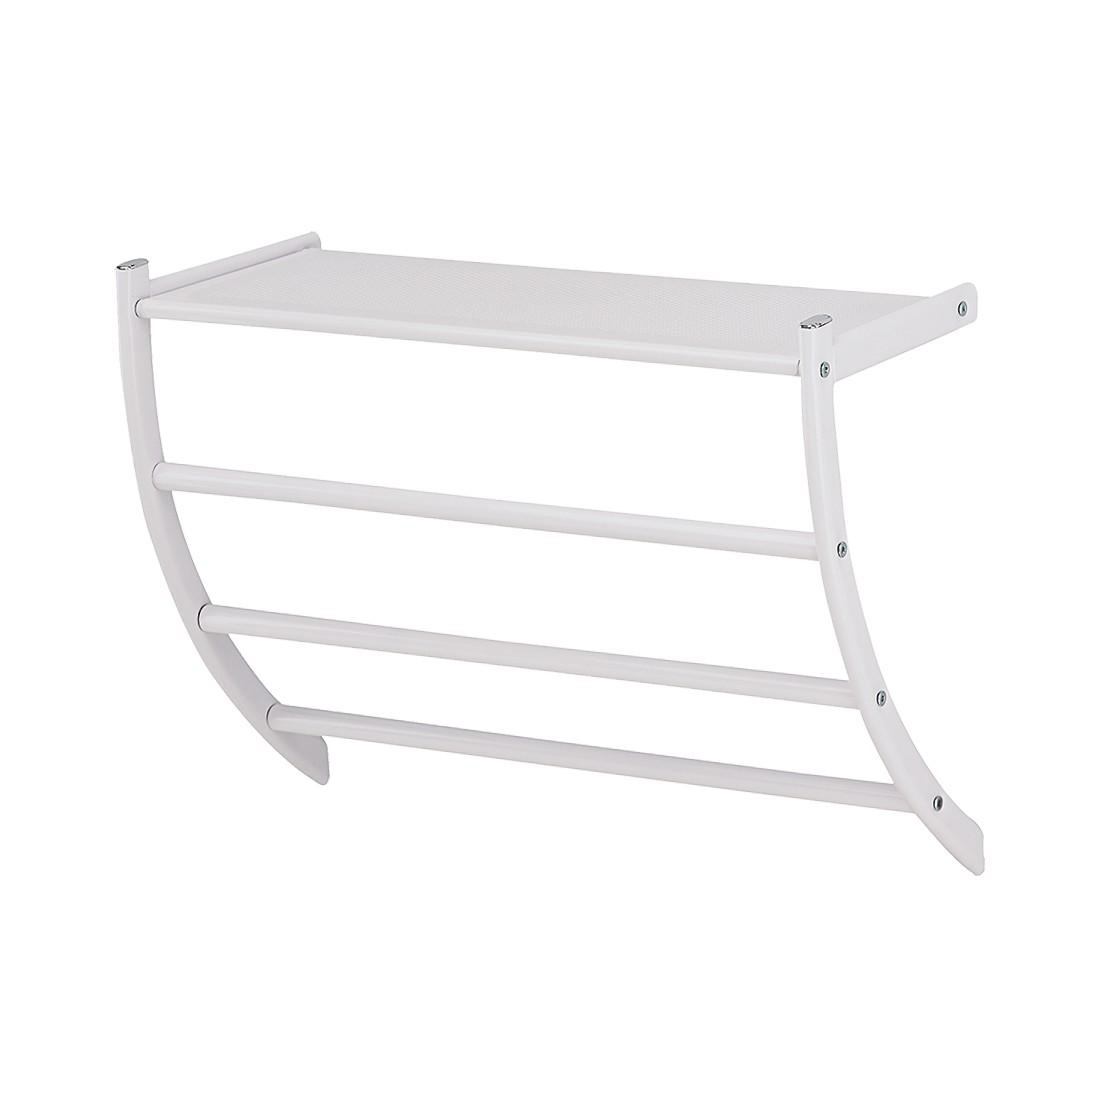 Bad-Wandregal – Weiß, mit Handtuchhalter, Sanwood günstig bestellen